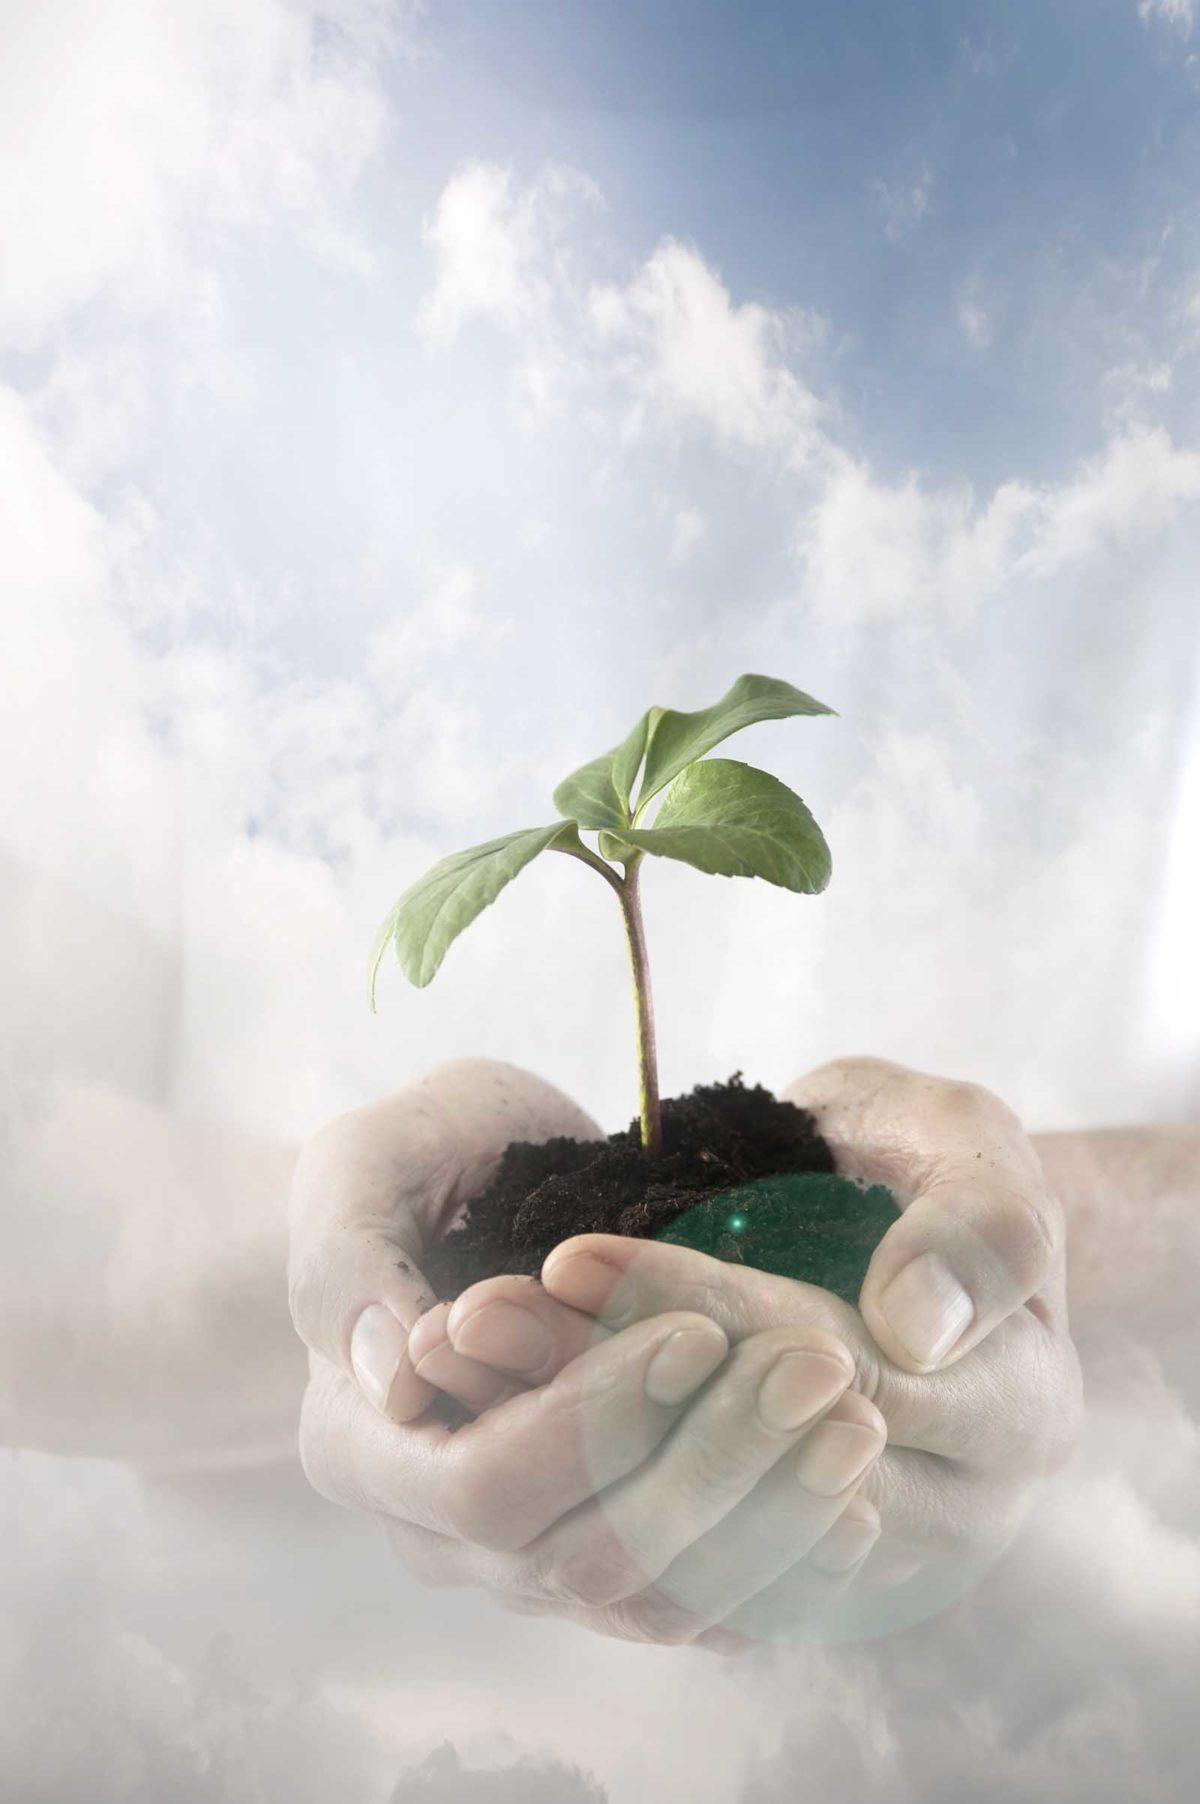 Werbefotografie-Lifestyle-Nachhaltigkeit-Umwelt-Hände-Pflanze-Himme-Wolken